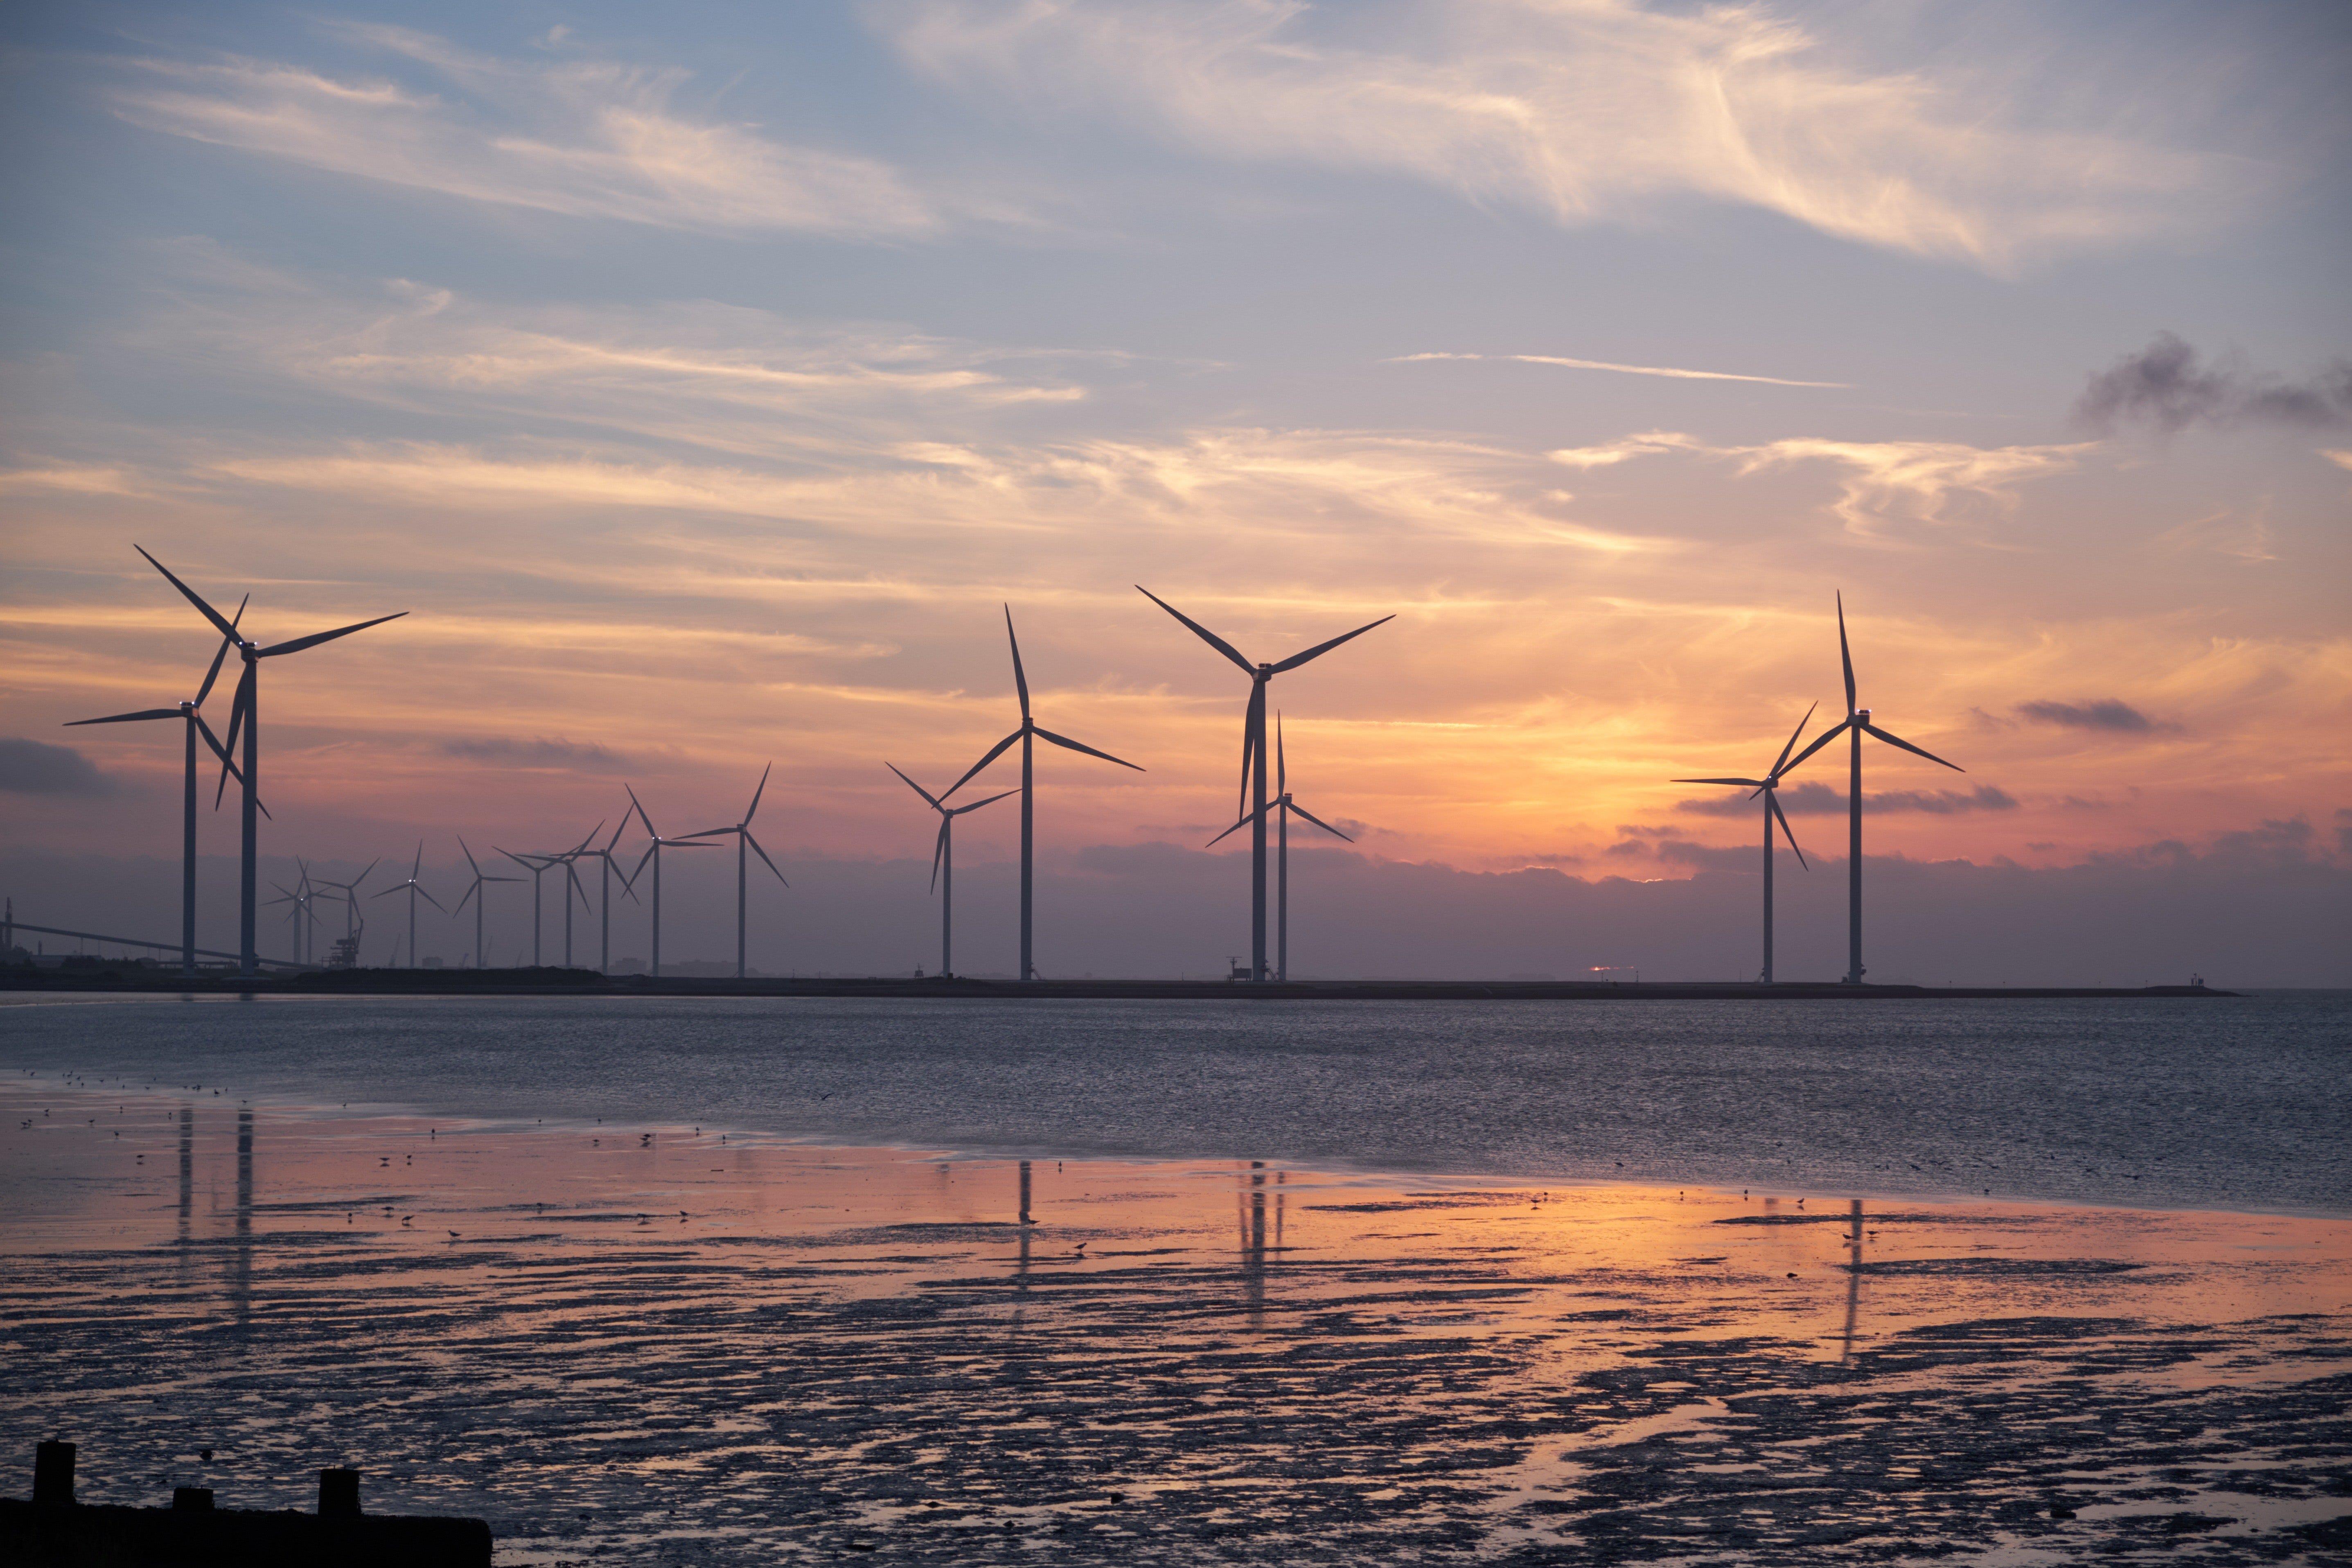 全球风能理事会携手世行开发新型海上风电市场